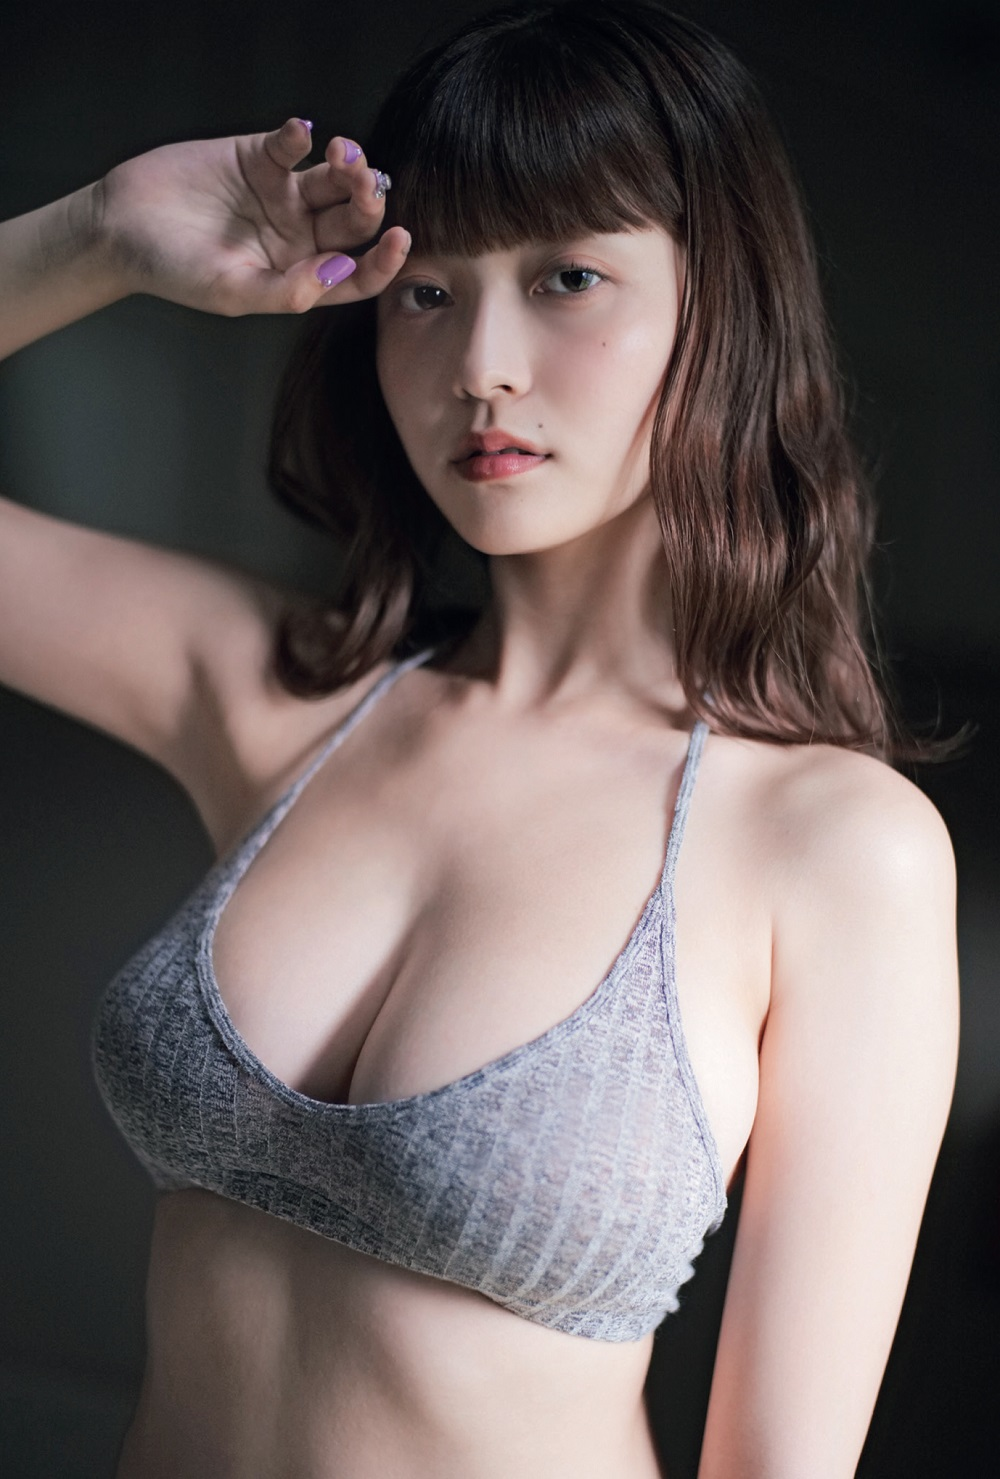 櫻井音乃、ふんわり美バスとで魅せる圧倒的ポテンシャルに悩殺